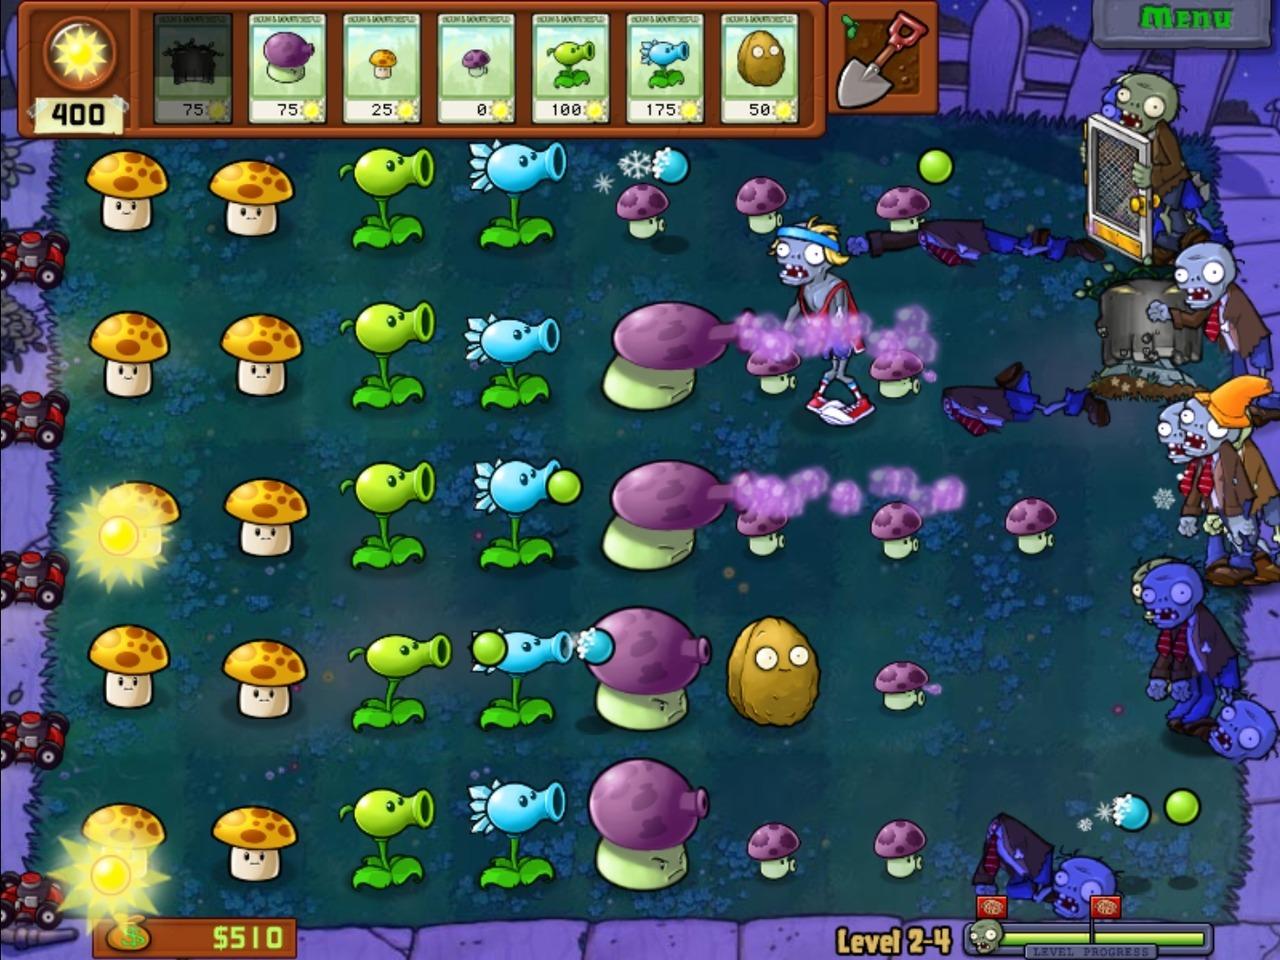 http://image.jeuxvideo.com/images/pc/p/l/plants-vs-zombies-pc-101.jpg